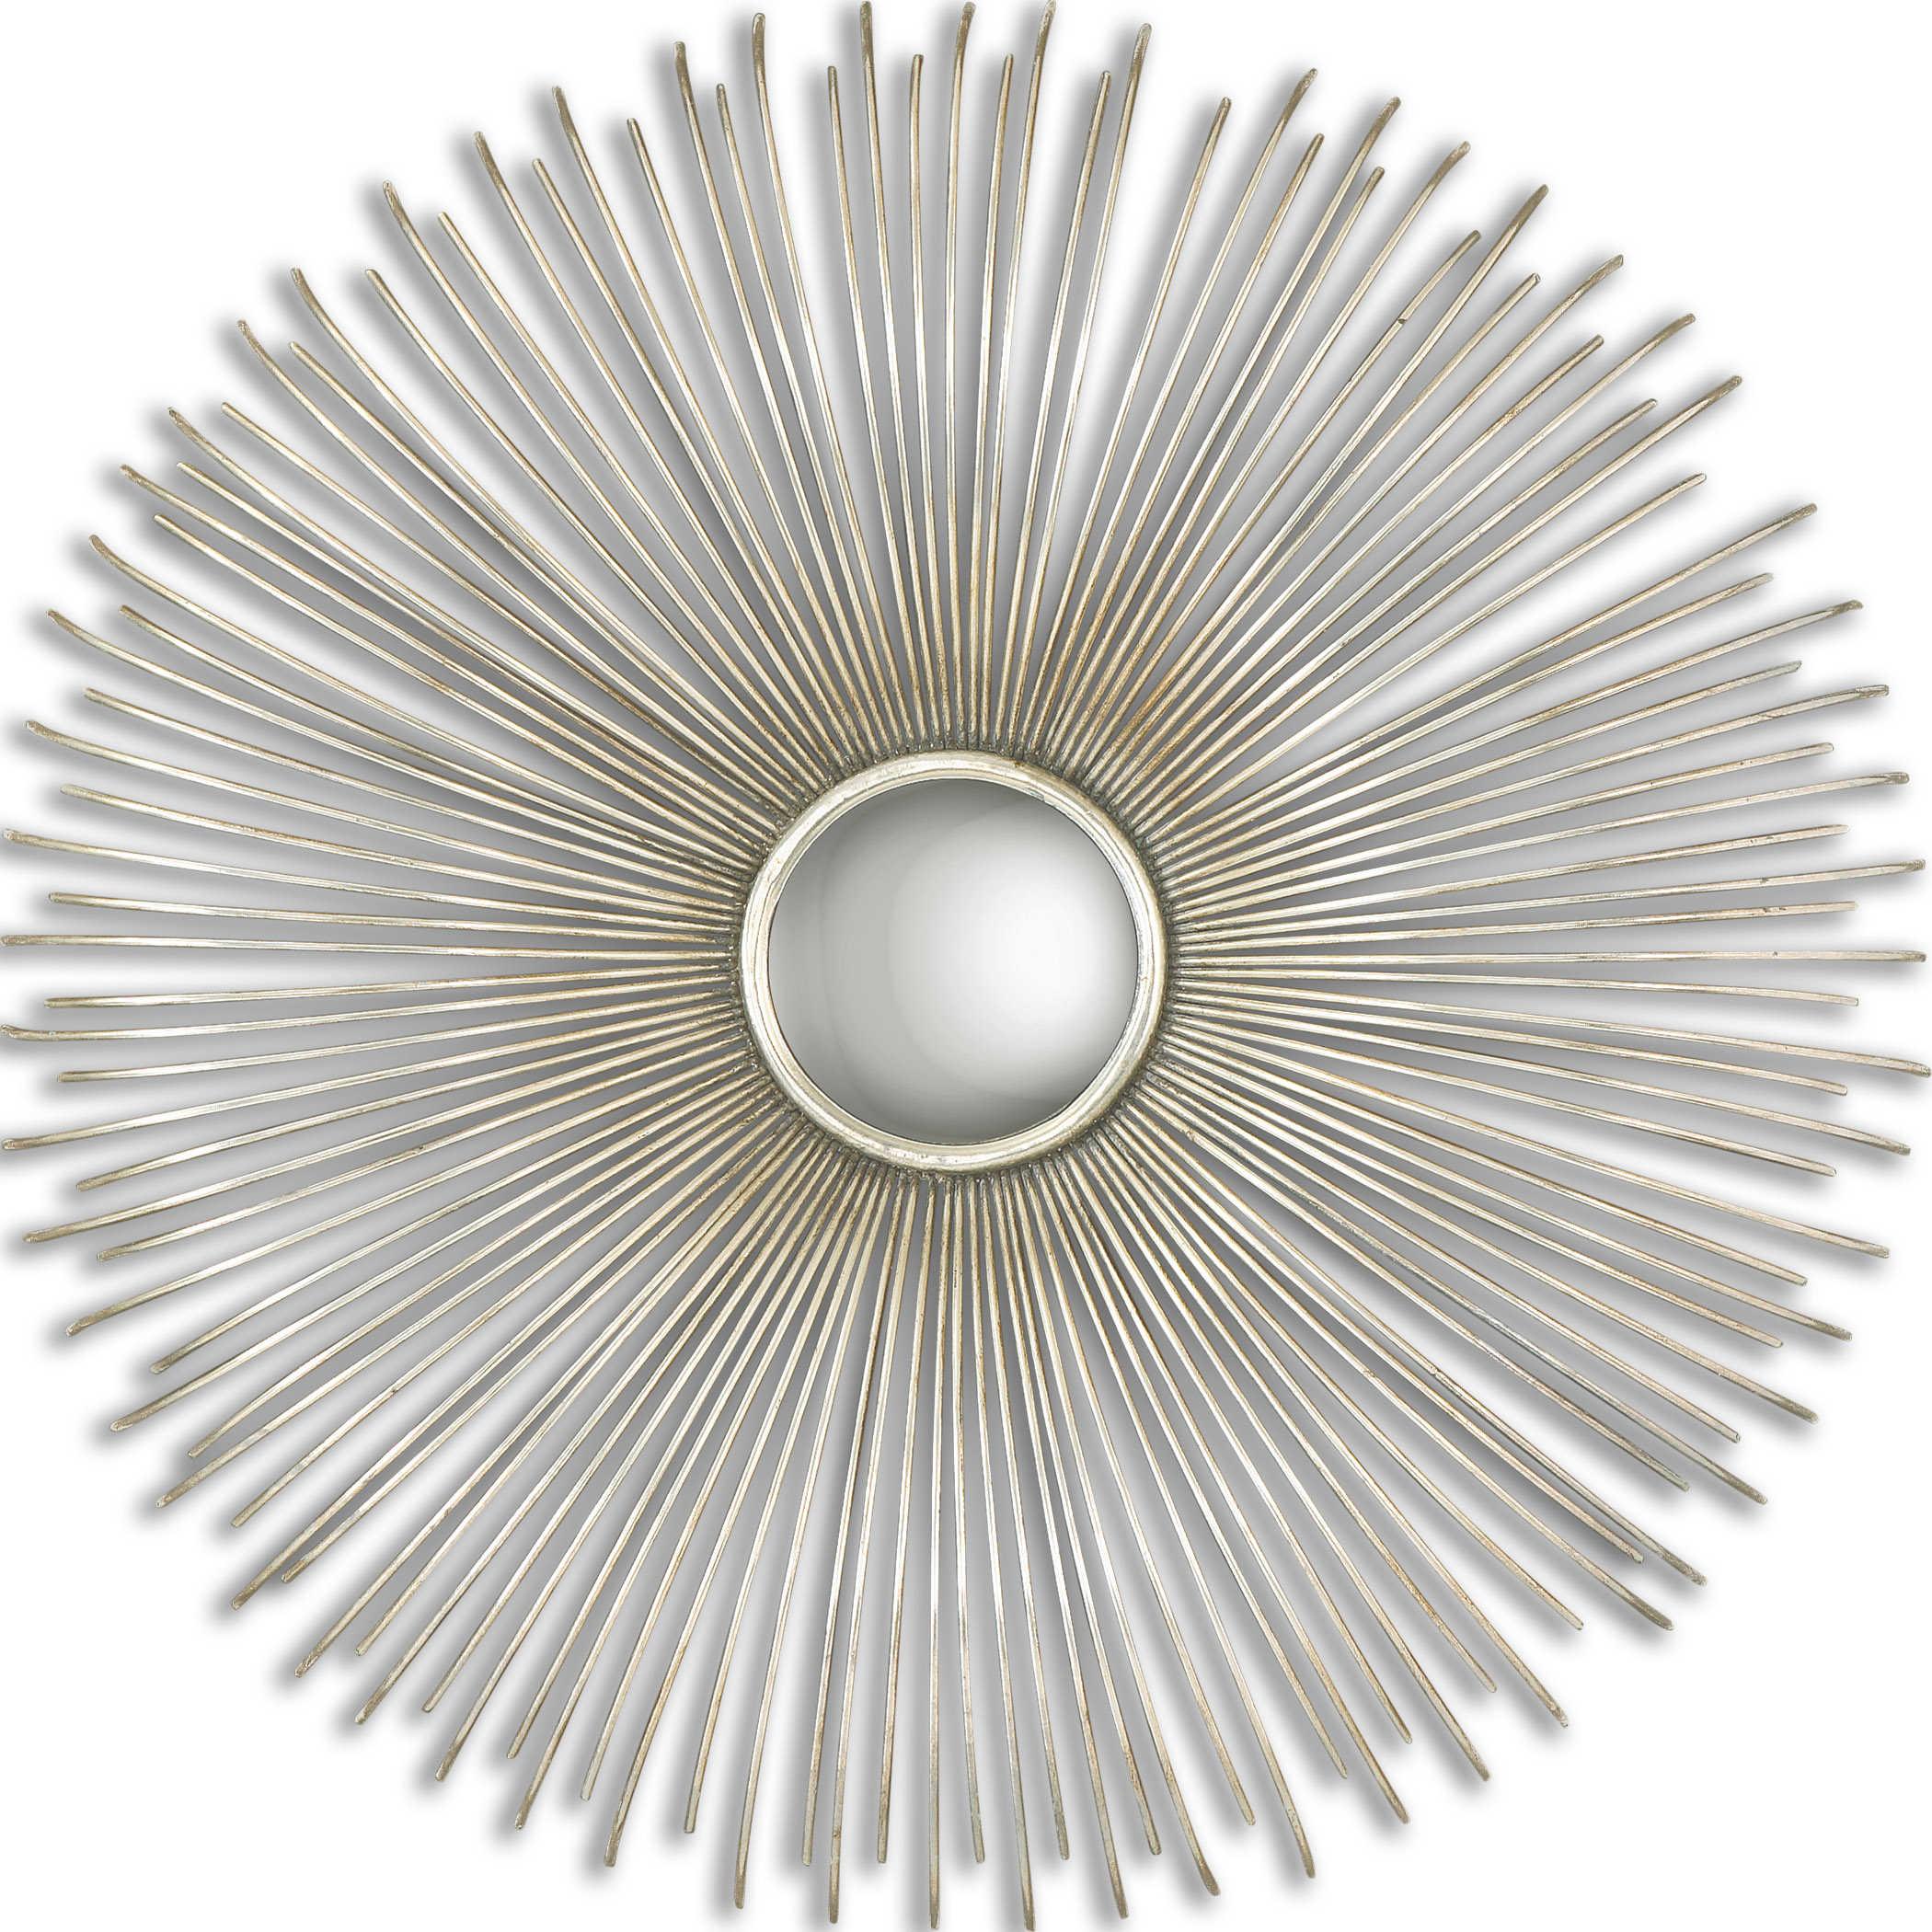 Launa Round Mirror by Uttermost 81cm